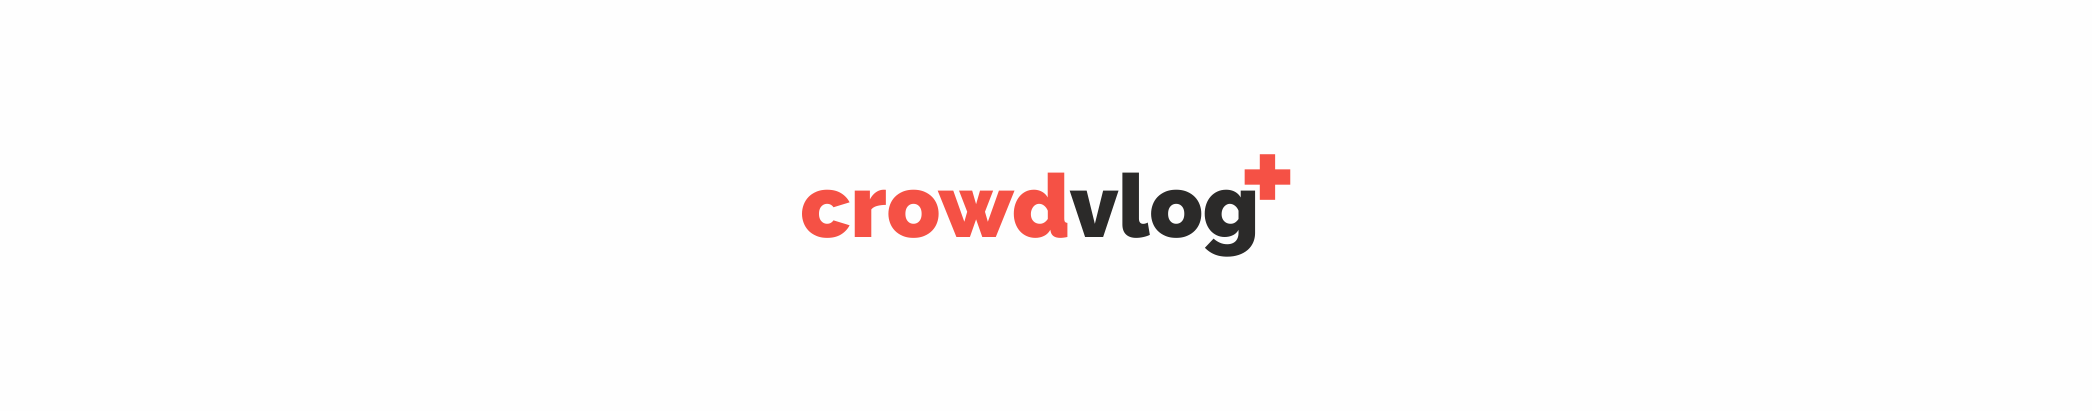 Crowdvlog teaser odcinka!